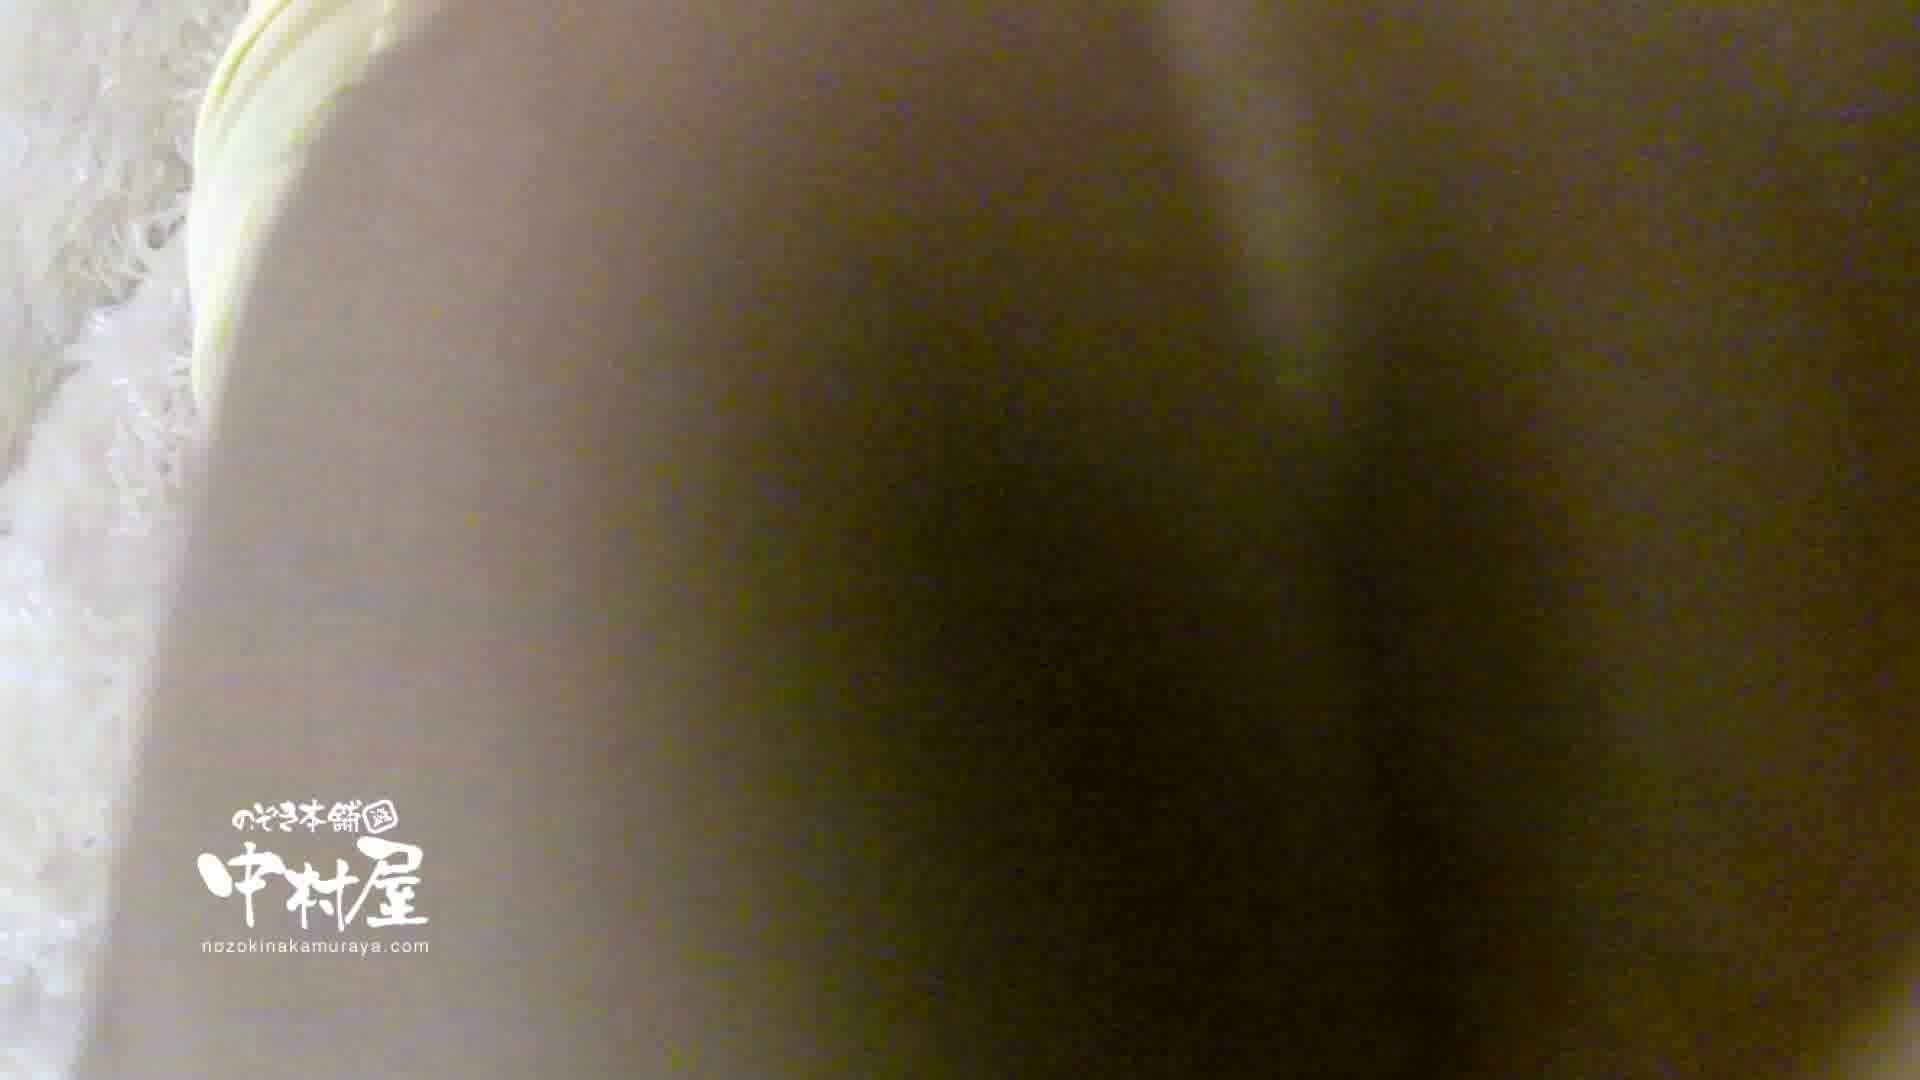 鬼畜 vol.17 中に出さないでください(アニメ声で懇願) 前編 セックス  89枚 59